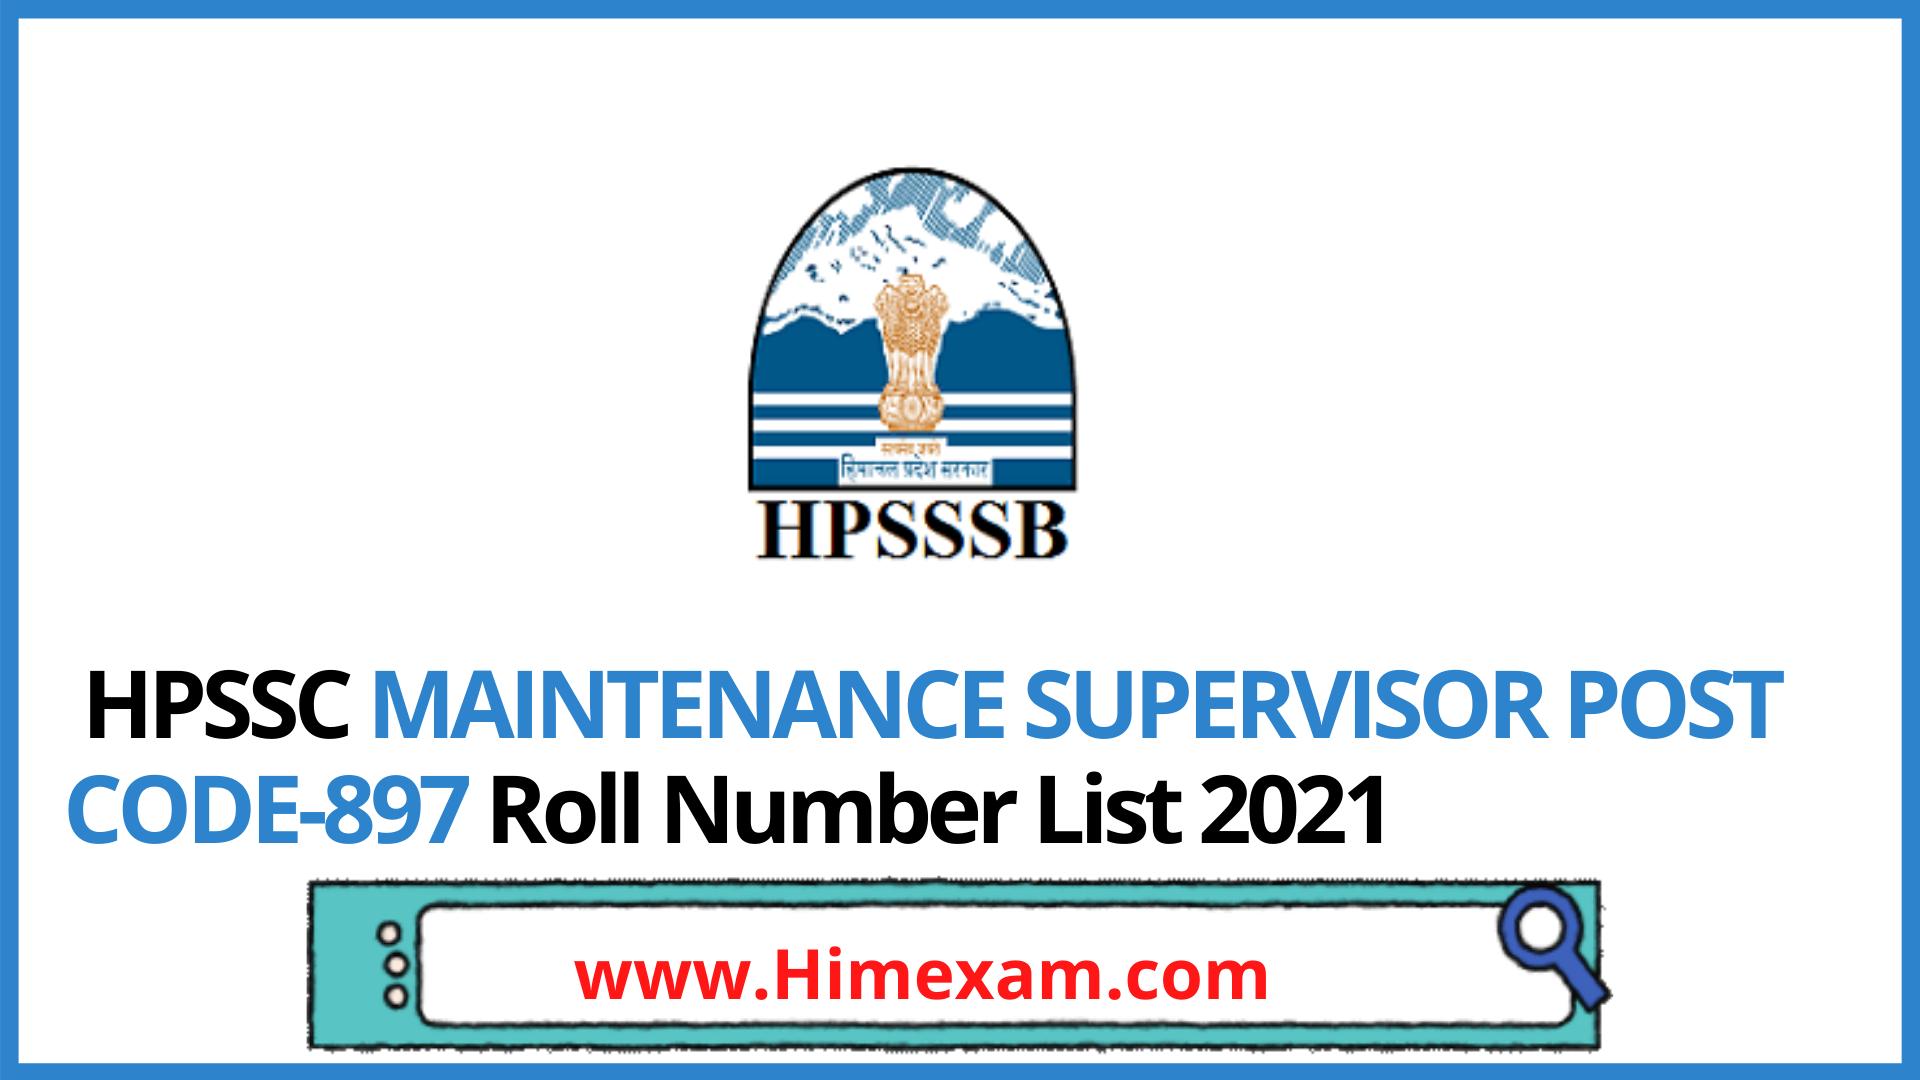 HPSSC MAINTENANCE SUPERVISOR POST CODE-897 Roll Number List 2021